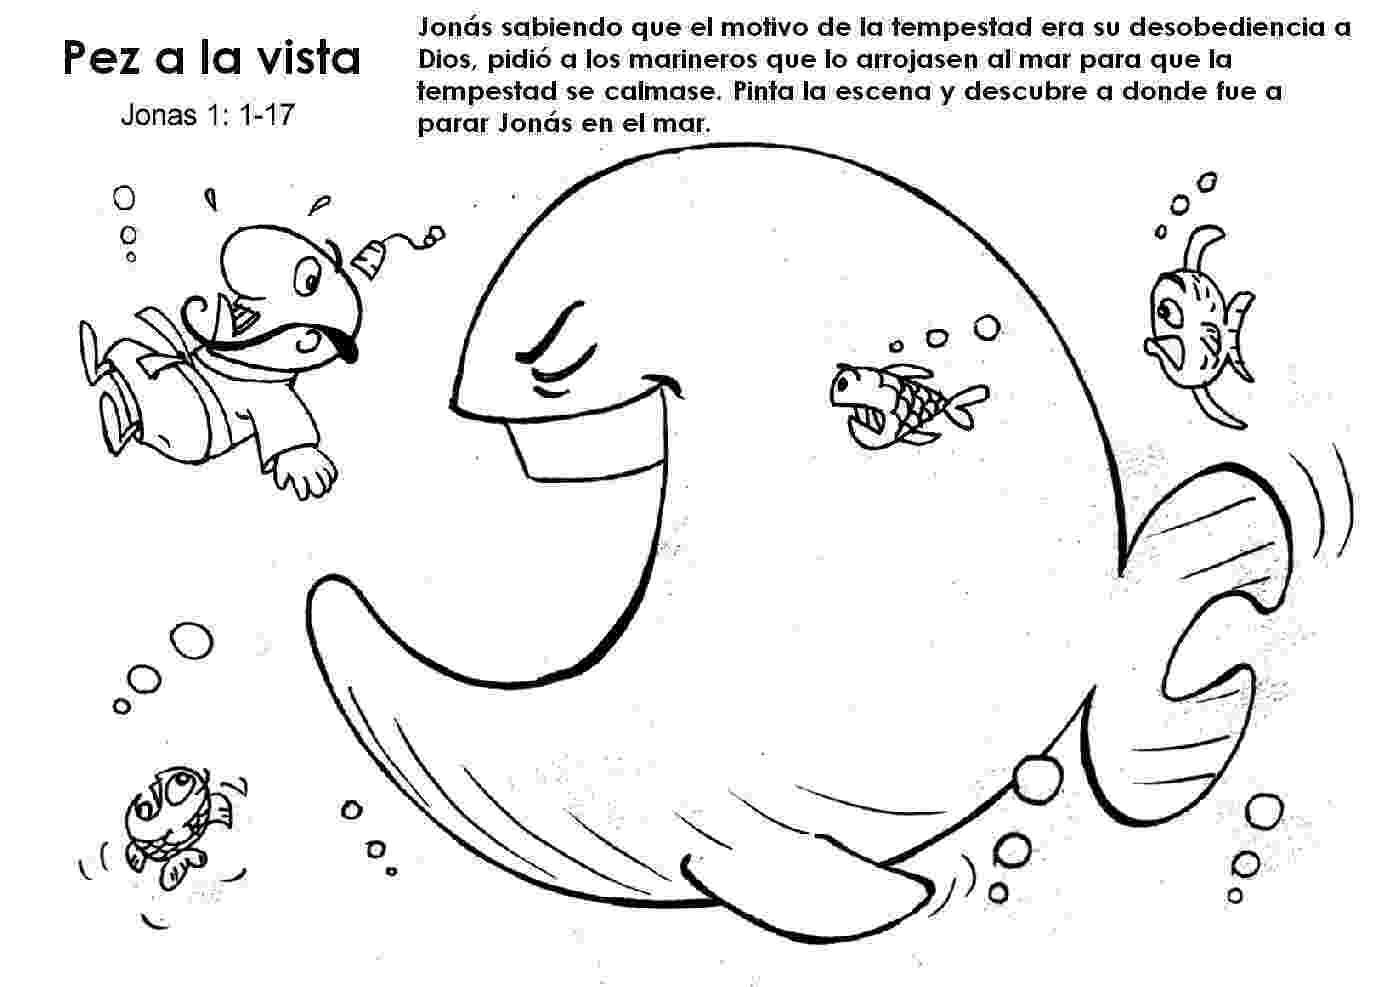 dibujos de jonas y la ballena dibujos para pintar pinocho y la ballena imagui de jonas la dibujos y ballena